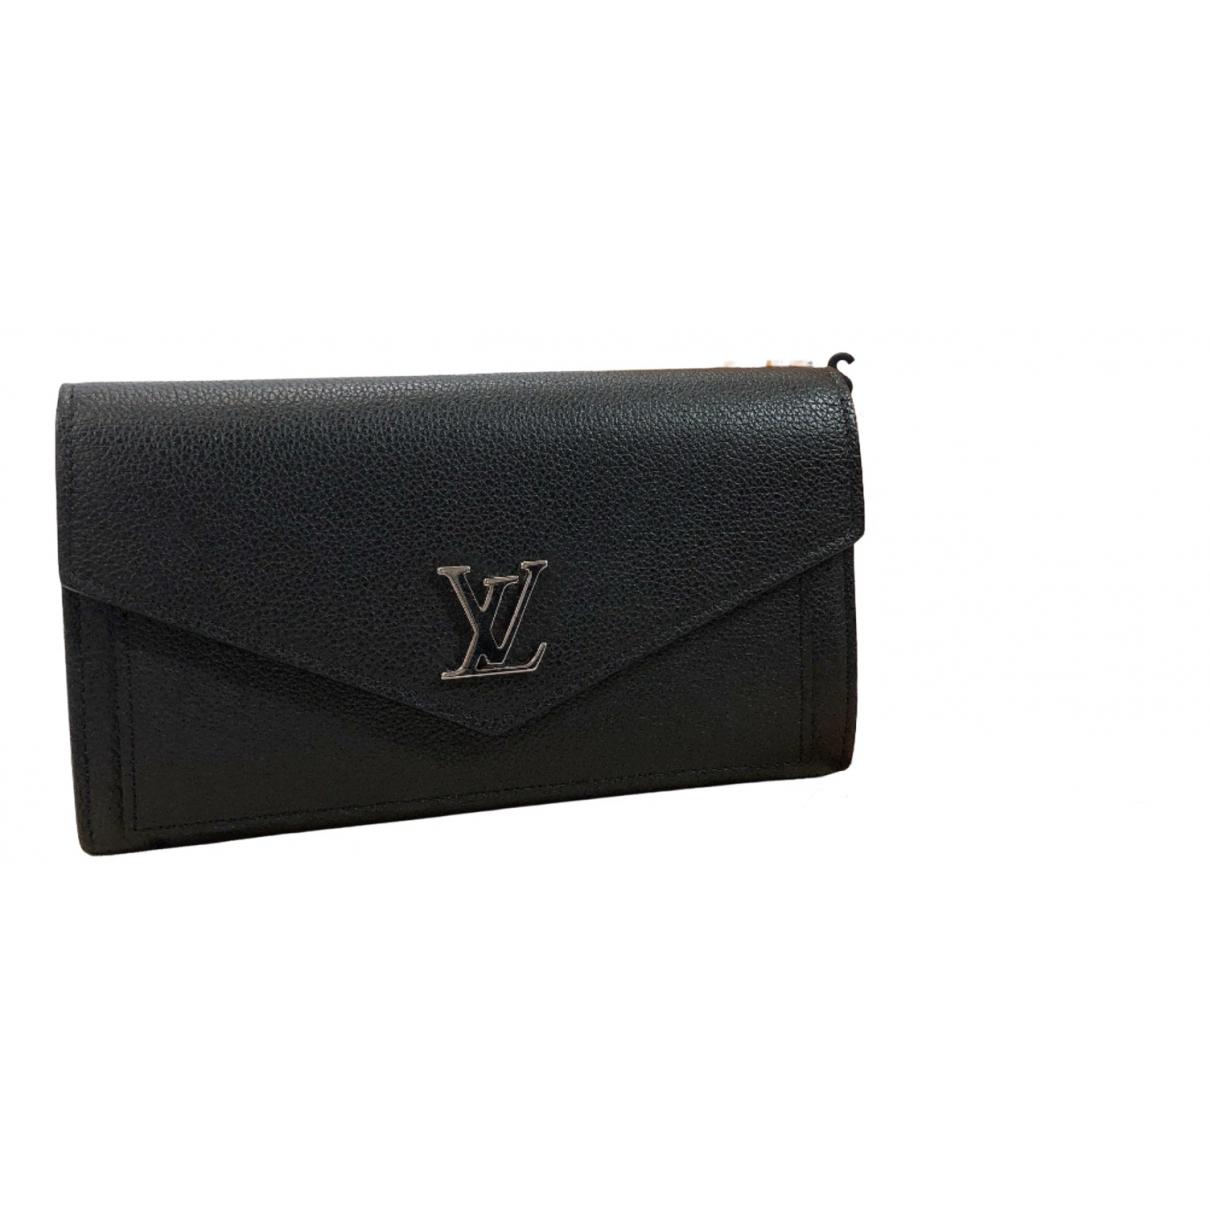 Louis Vuitton Lockme Portemonnaie in  Schwarz Leder